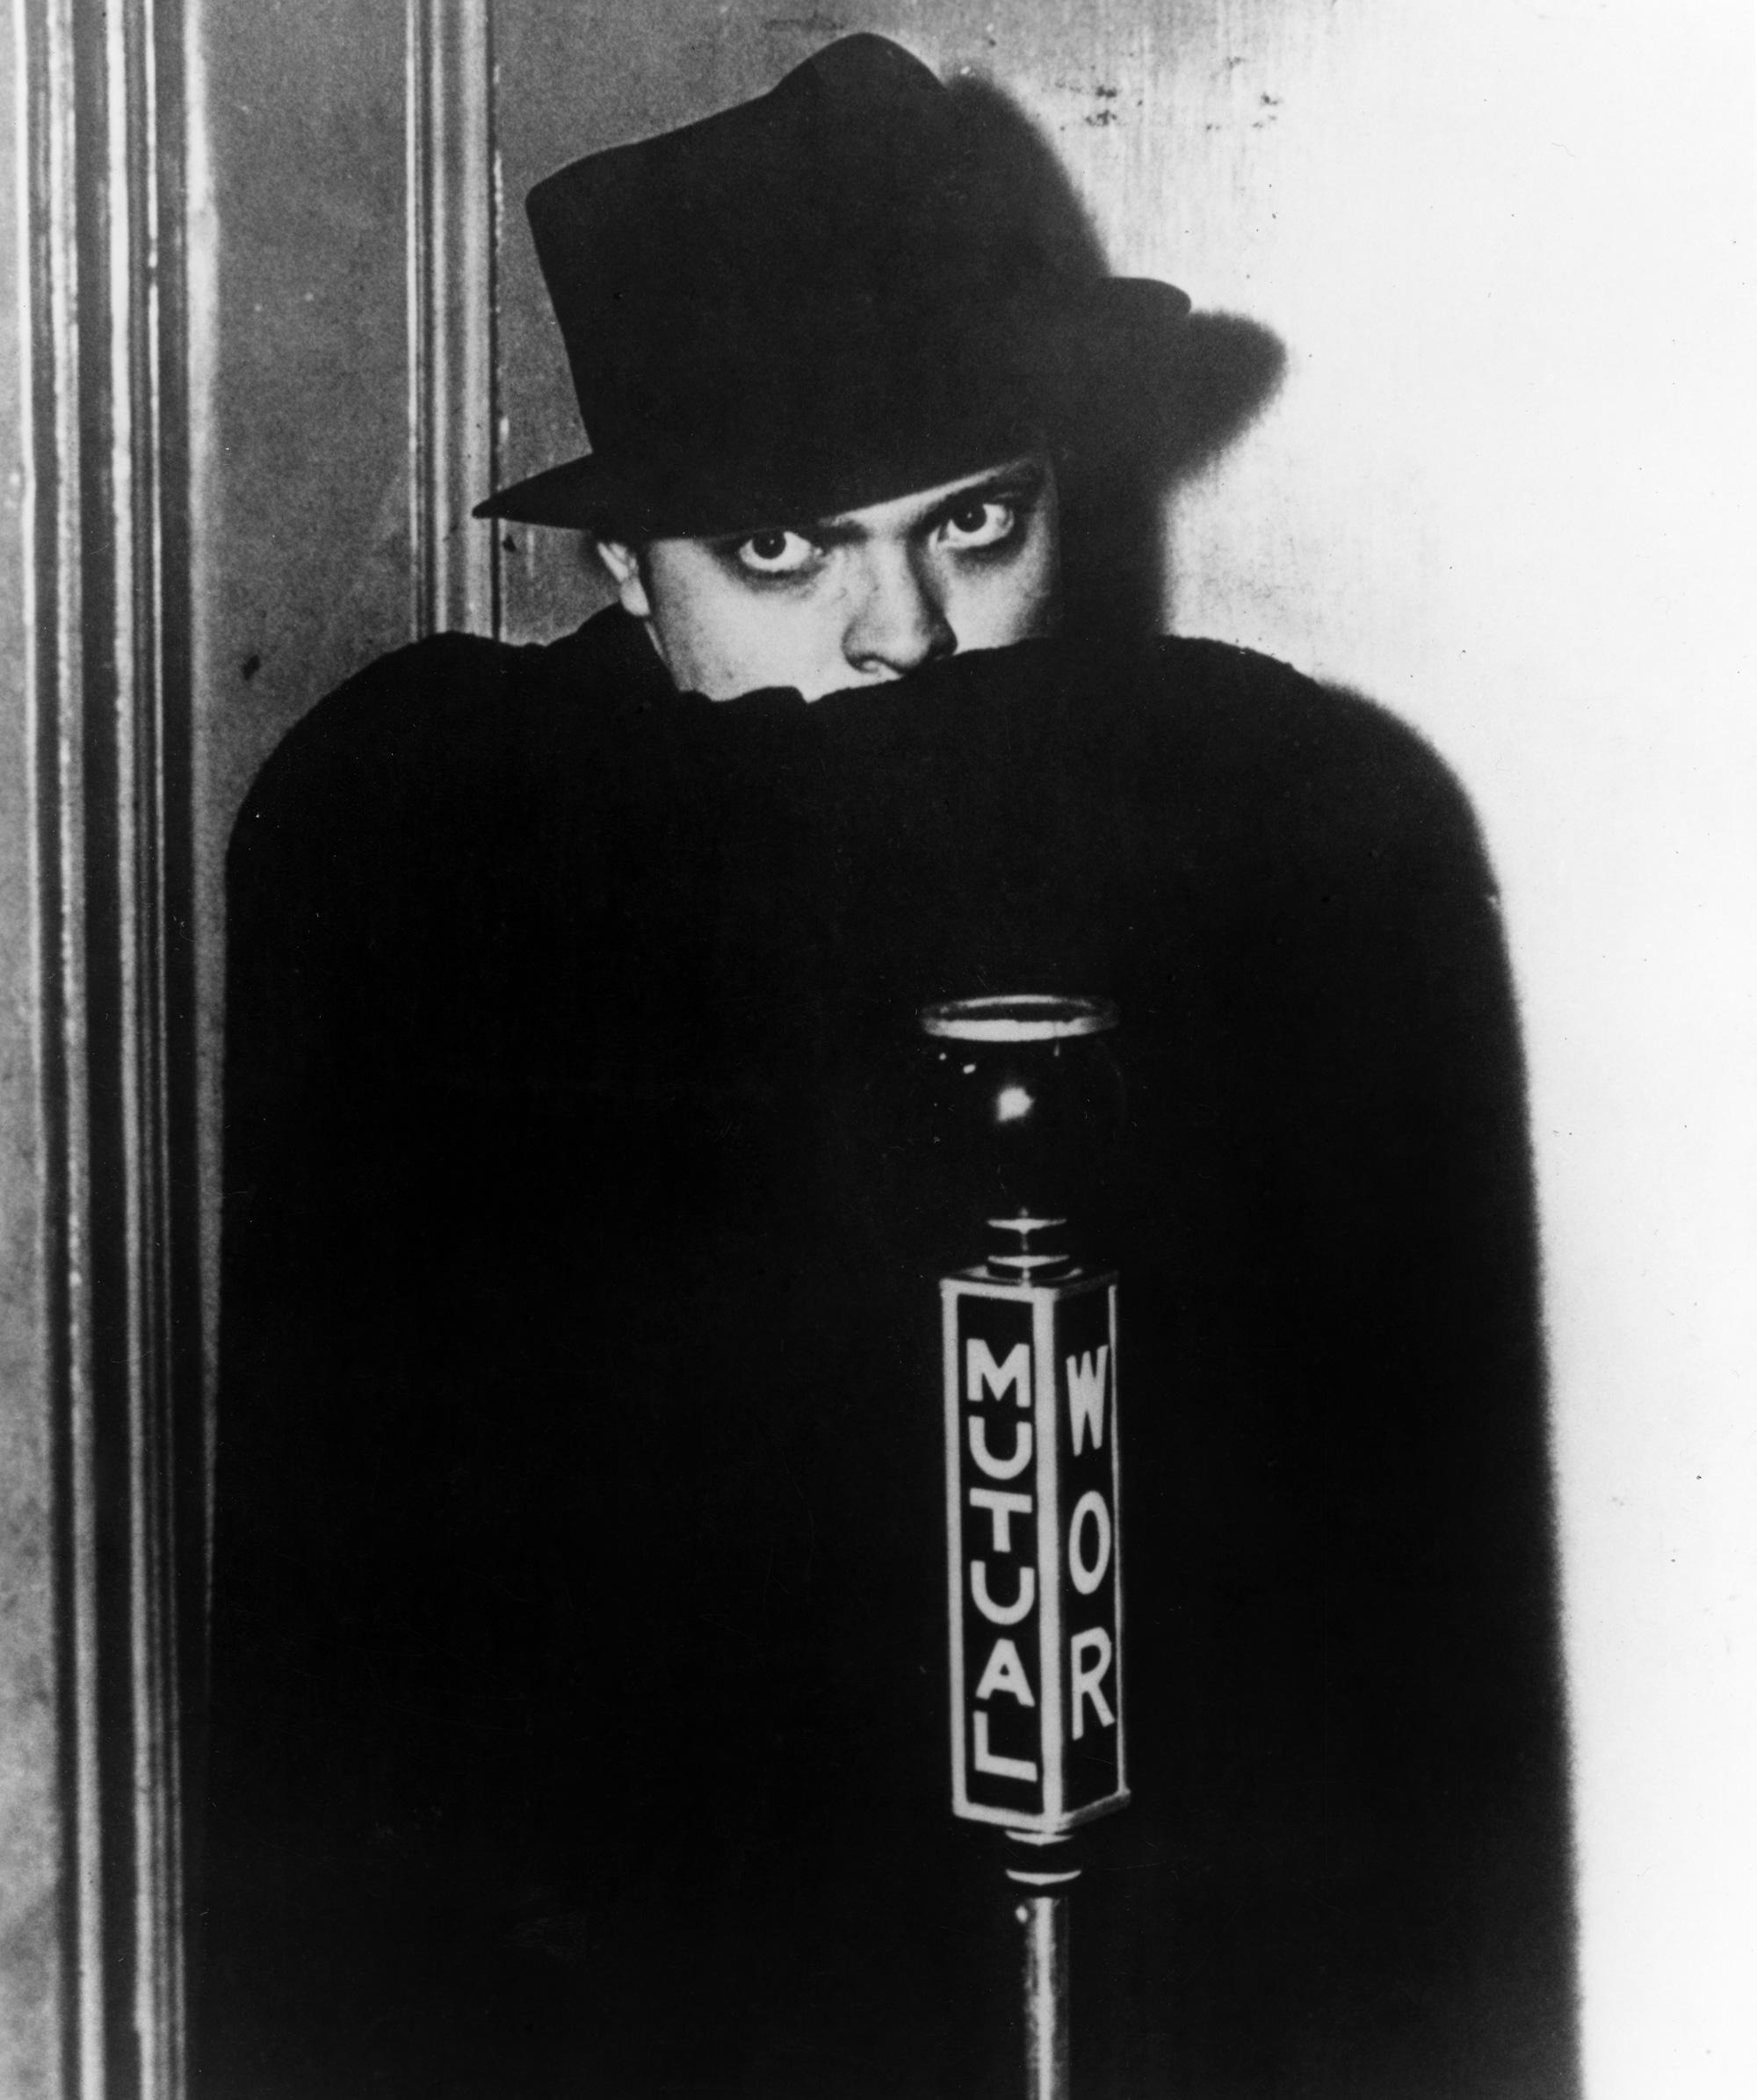 Foto promocional de Orson Welles quando fazia a voz radiofônica do Sombra (1937 ou 1938)